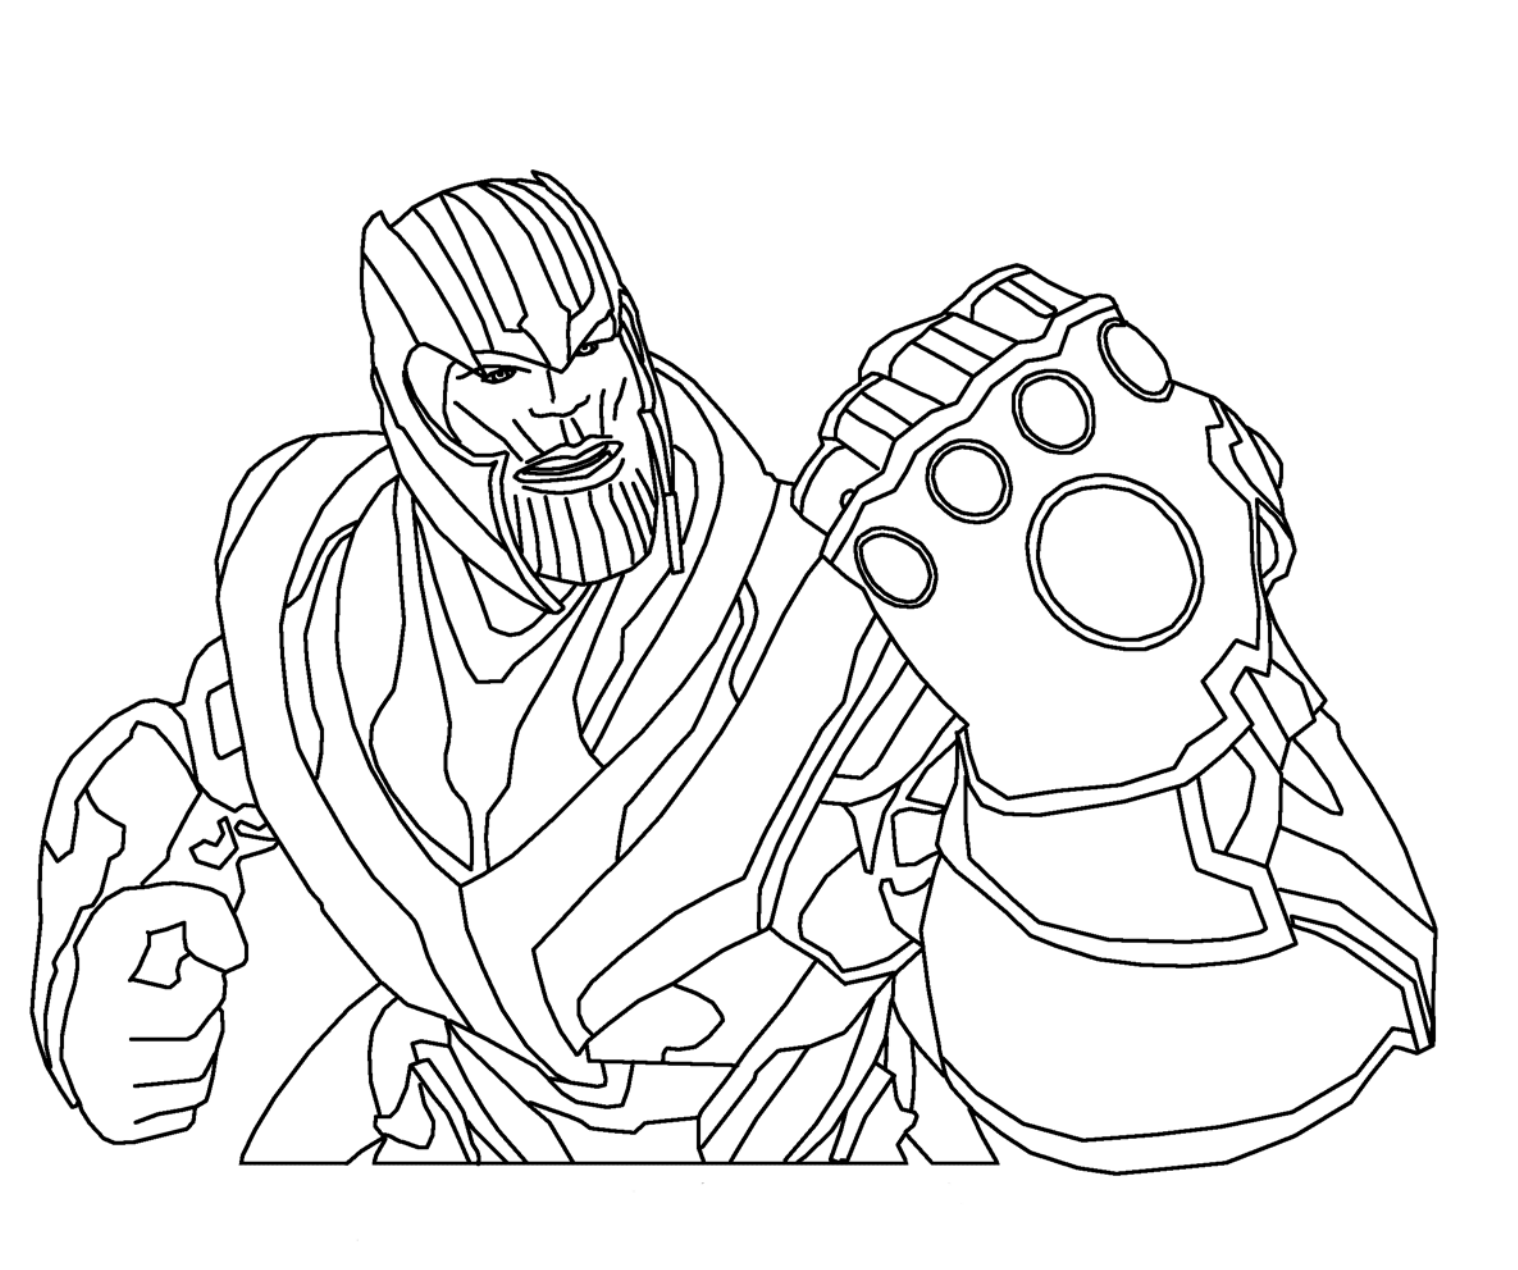 Ausmalbilder Thanos - Thanos zum Ausmalen Nachmalen